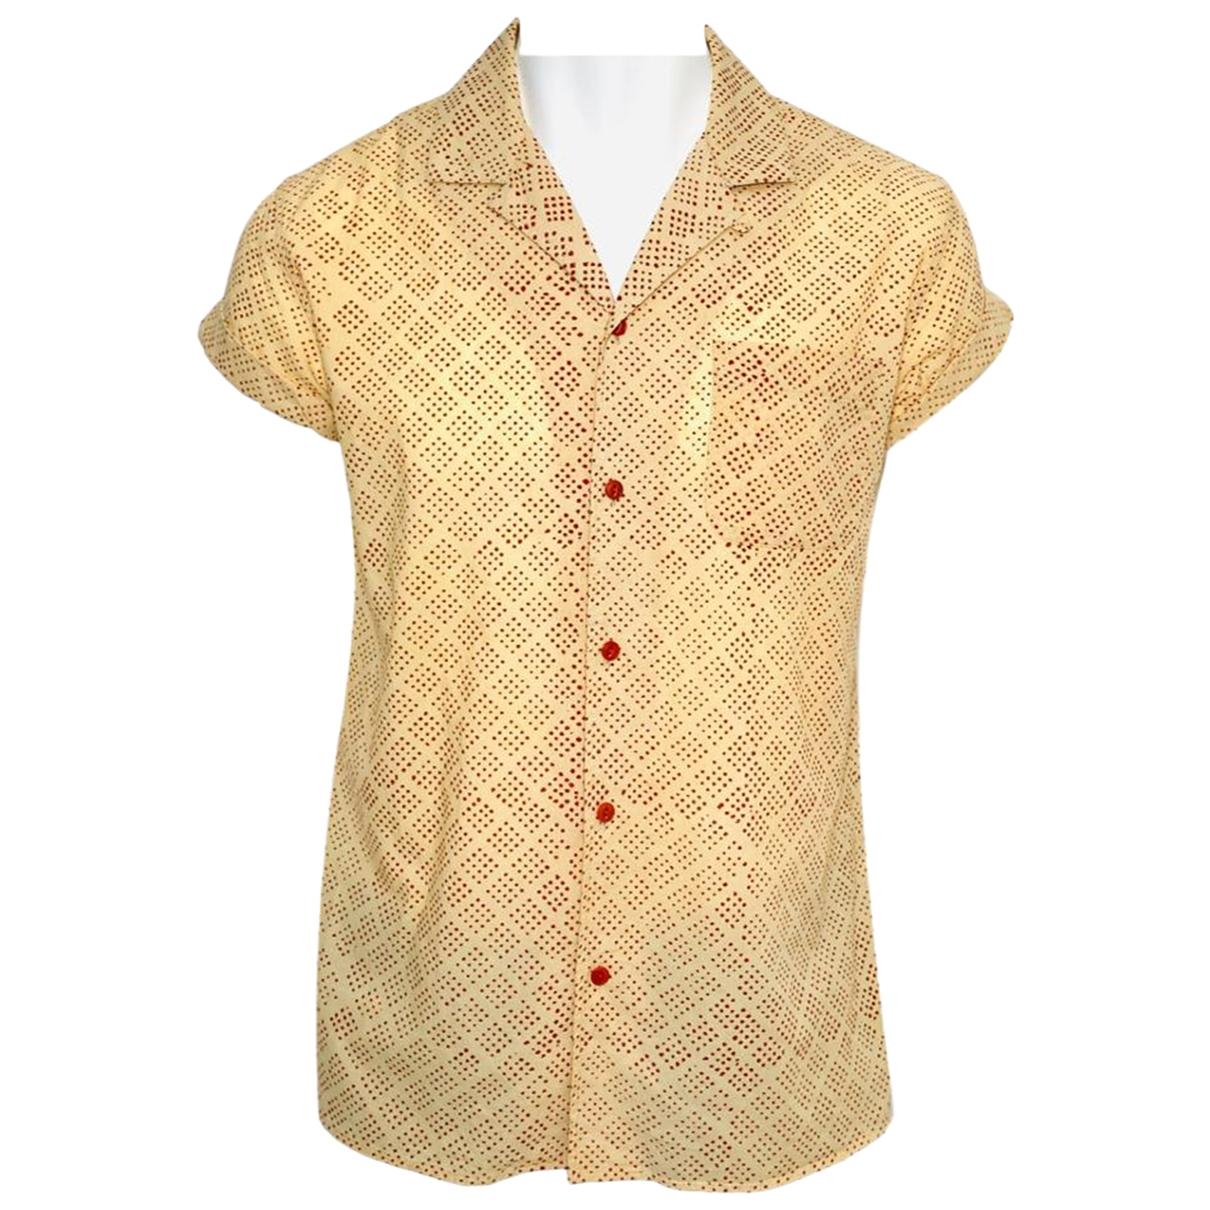 Ymc \N Hemden in Baumwolle